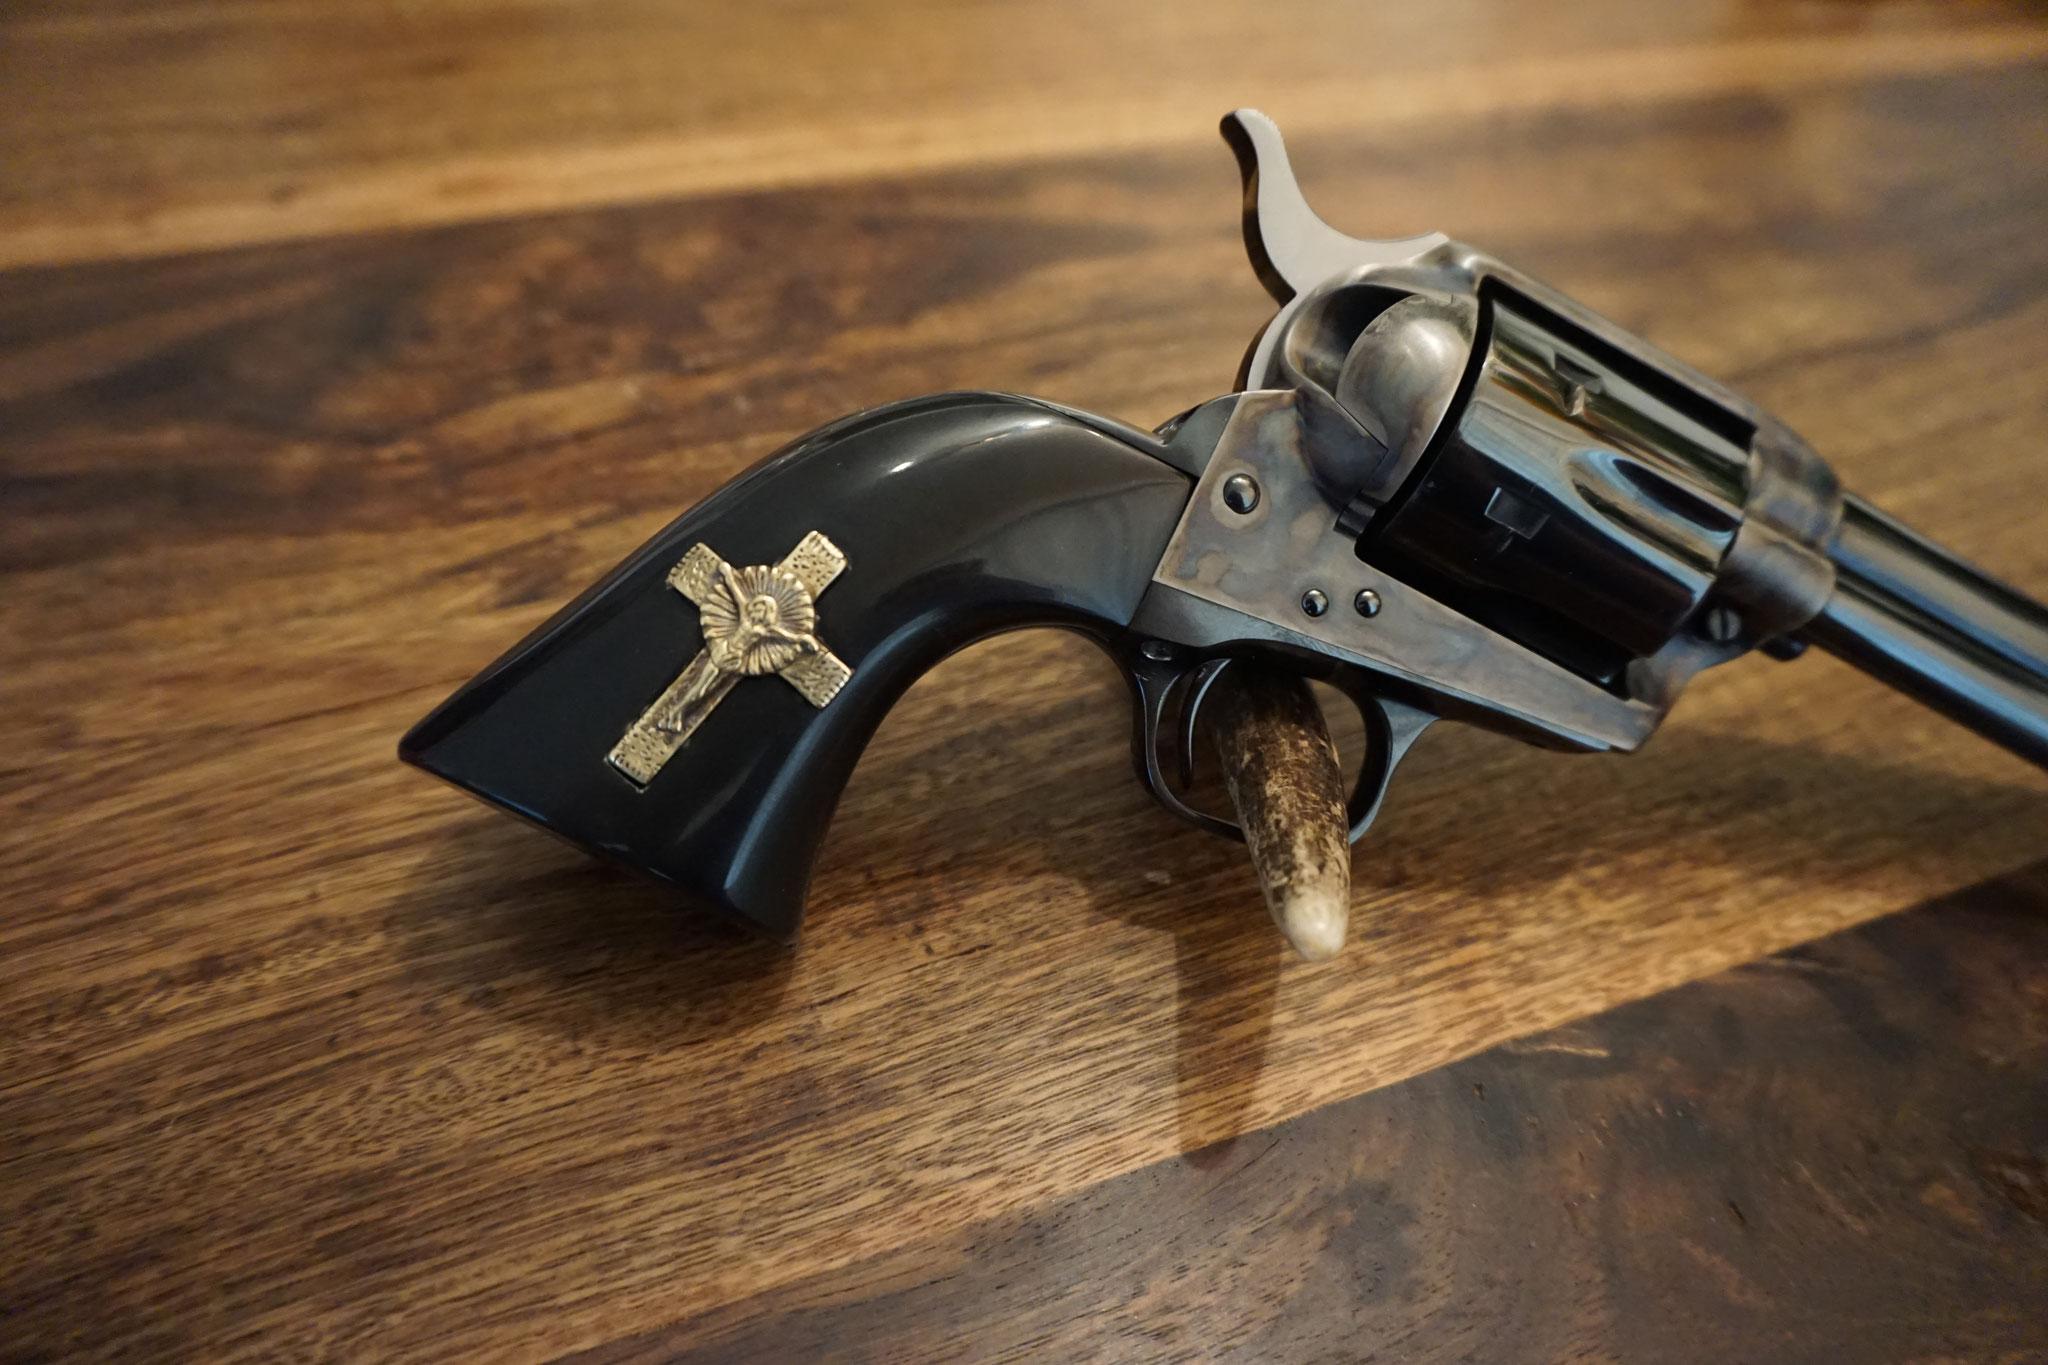 Nachbau des Revolvergriff von dem Film 3:10 to Yuma